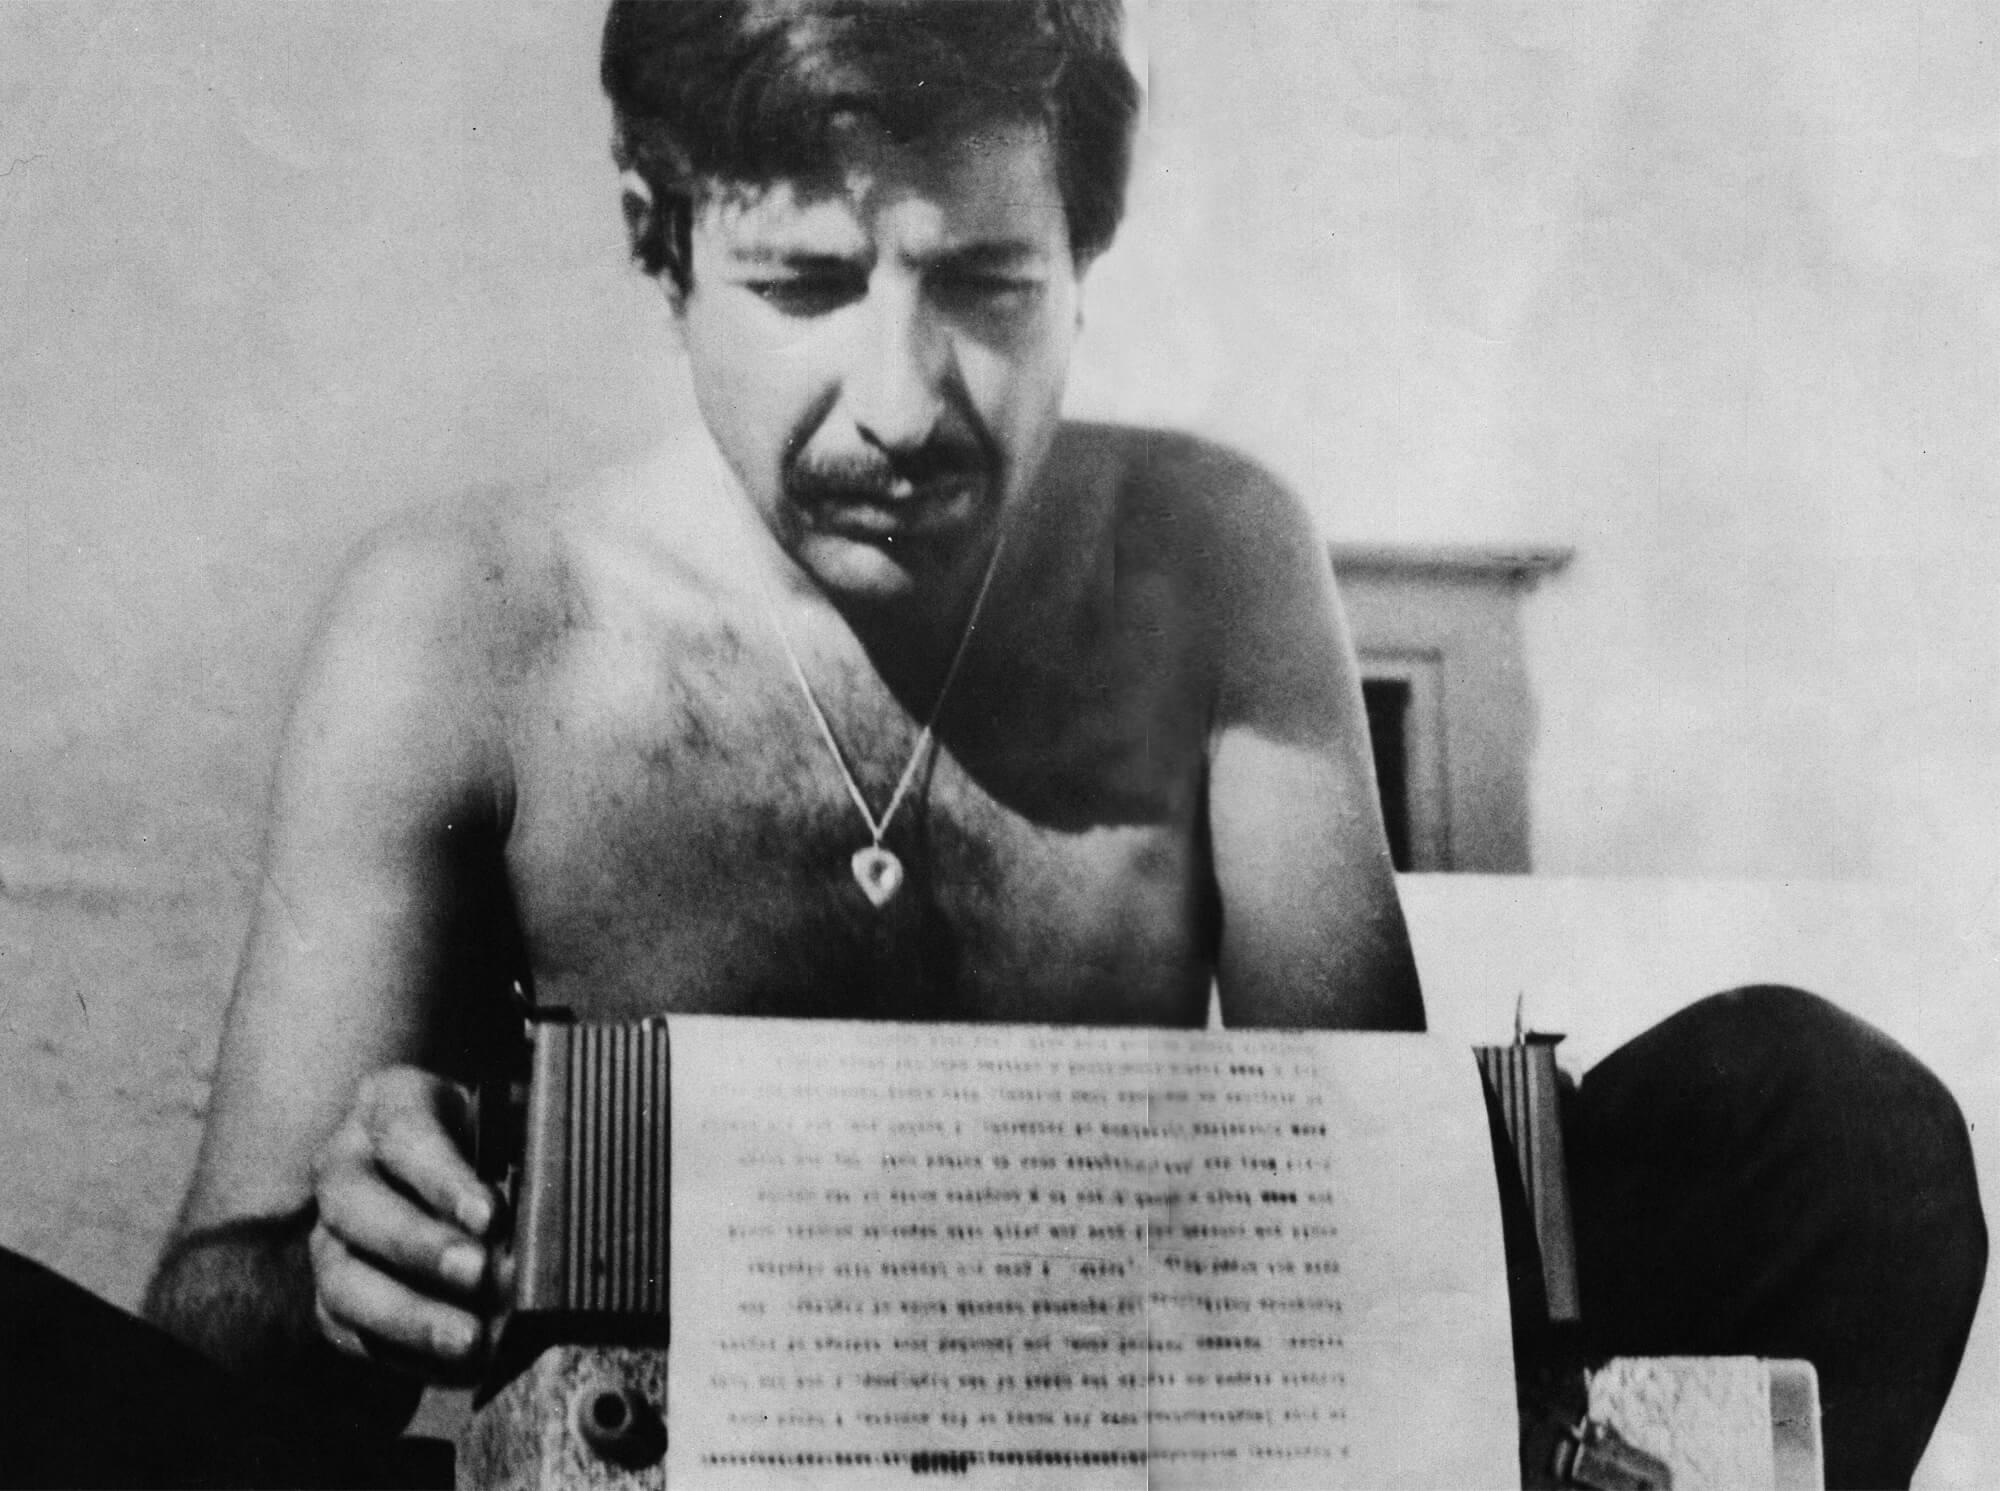 Fotografía de Leonard Cohen joven escribiendo